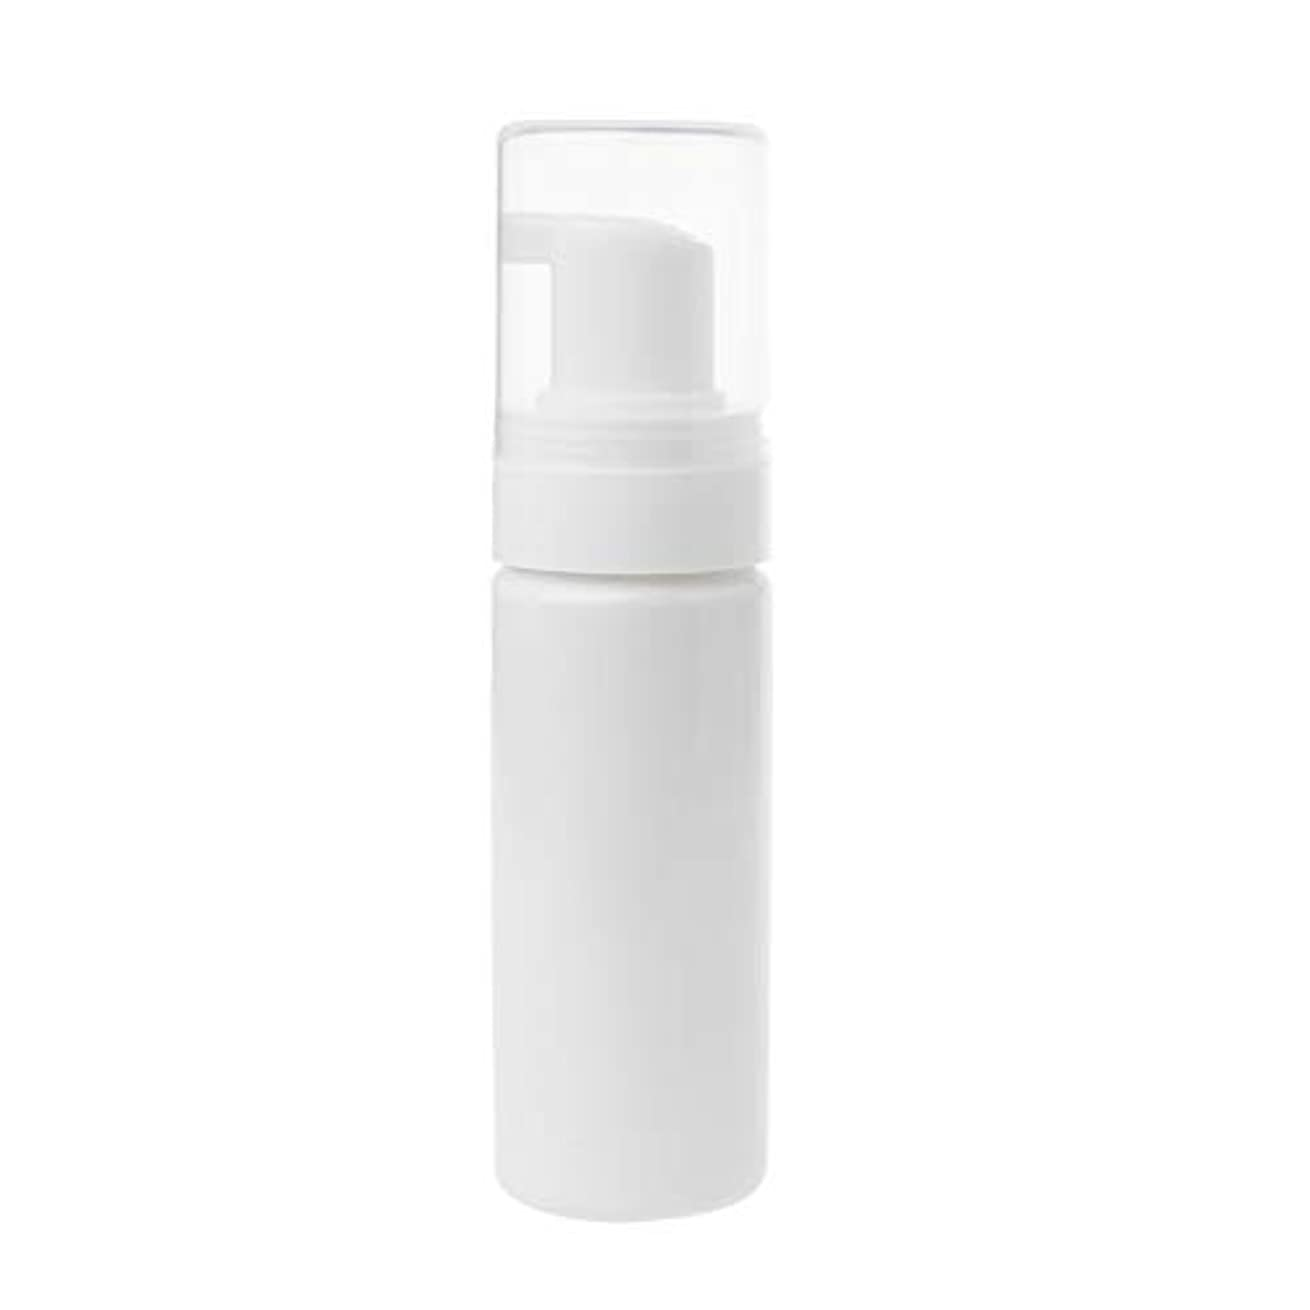 ベリ不振多用途TOOGOO 1個50ml キャップ付き発泡ボトル泡ポンプせっけんムース液体ディスペンサー泡ボトルプラスチックシャンプーローションボトル(ホワイト)